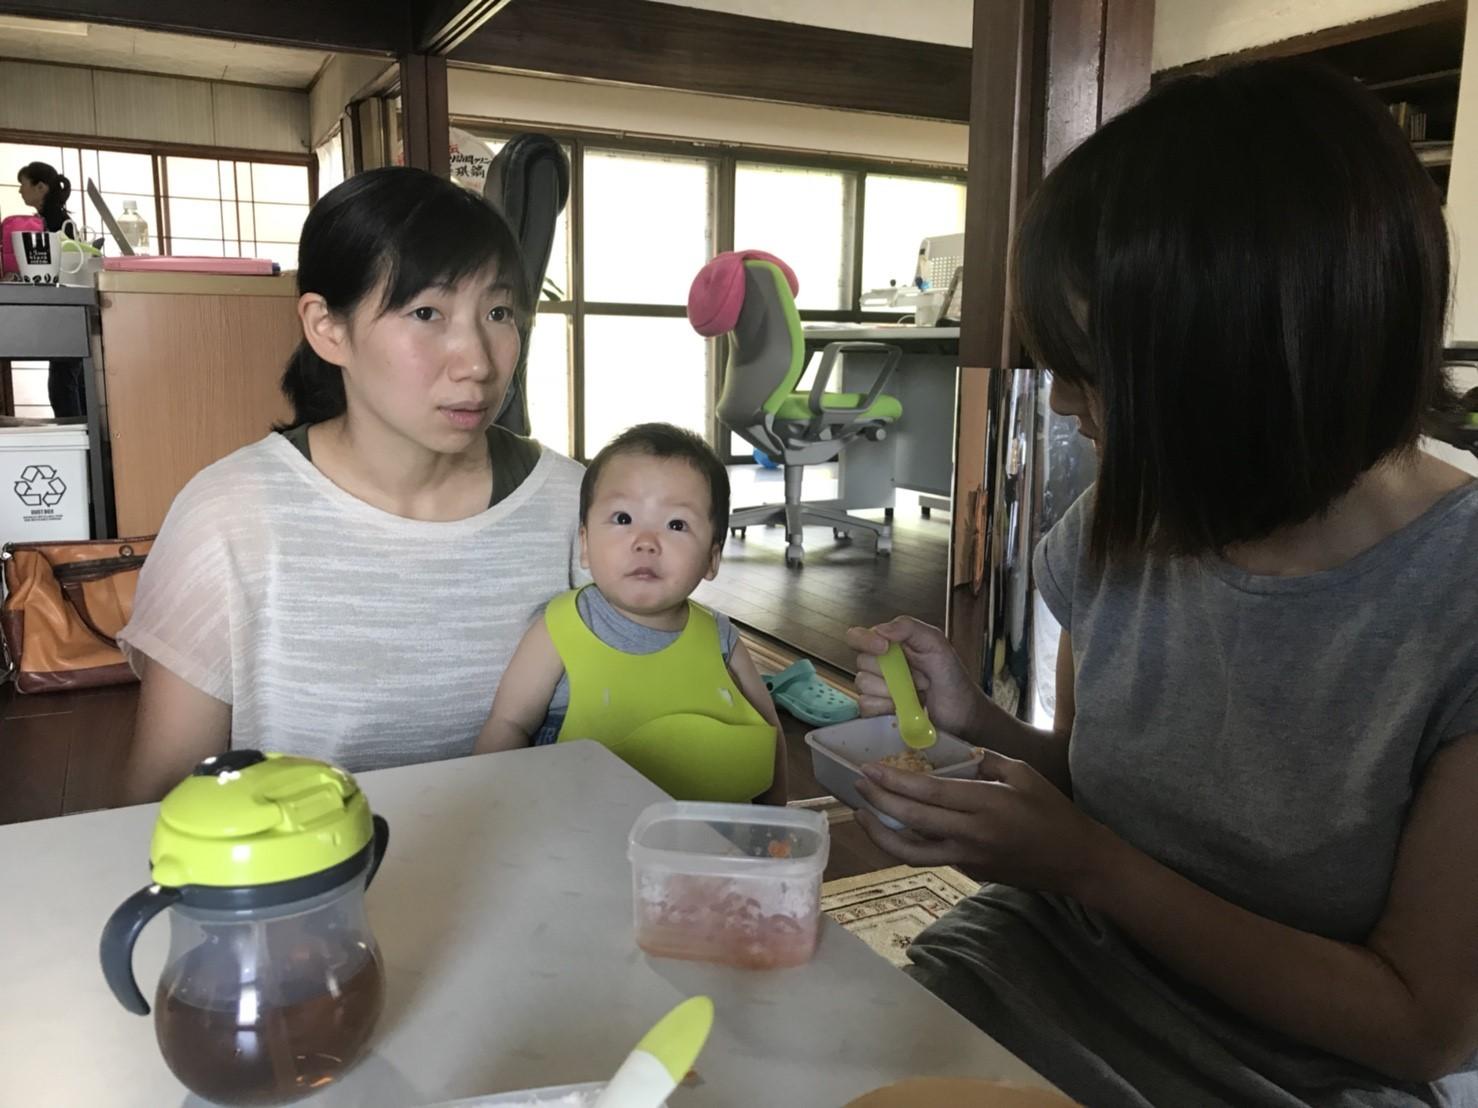 Q.子どもがまだ小さいのでお昼休みの時間帯に、ご飯を食べないこともあると思います。食事や授乳の面で心配です。